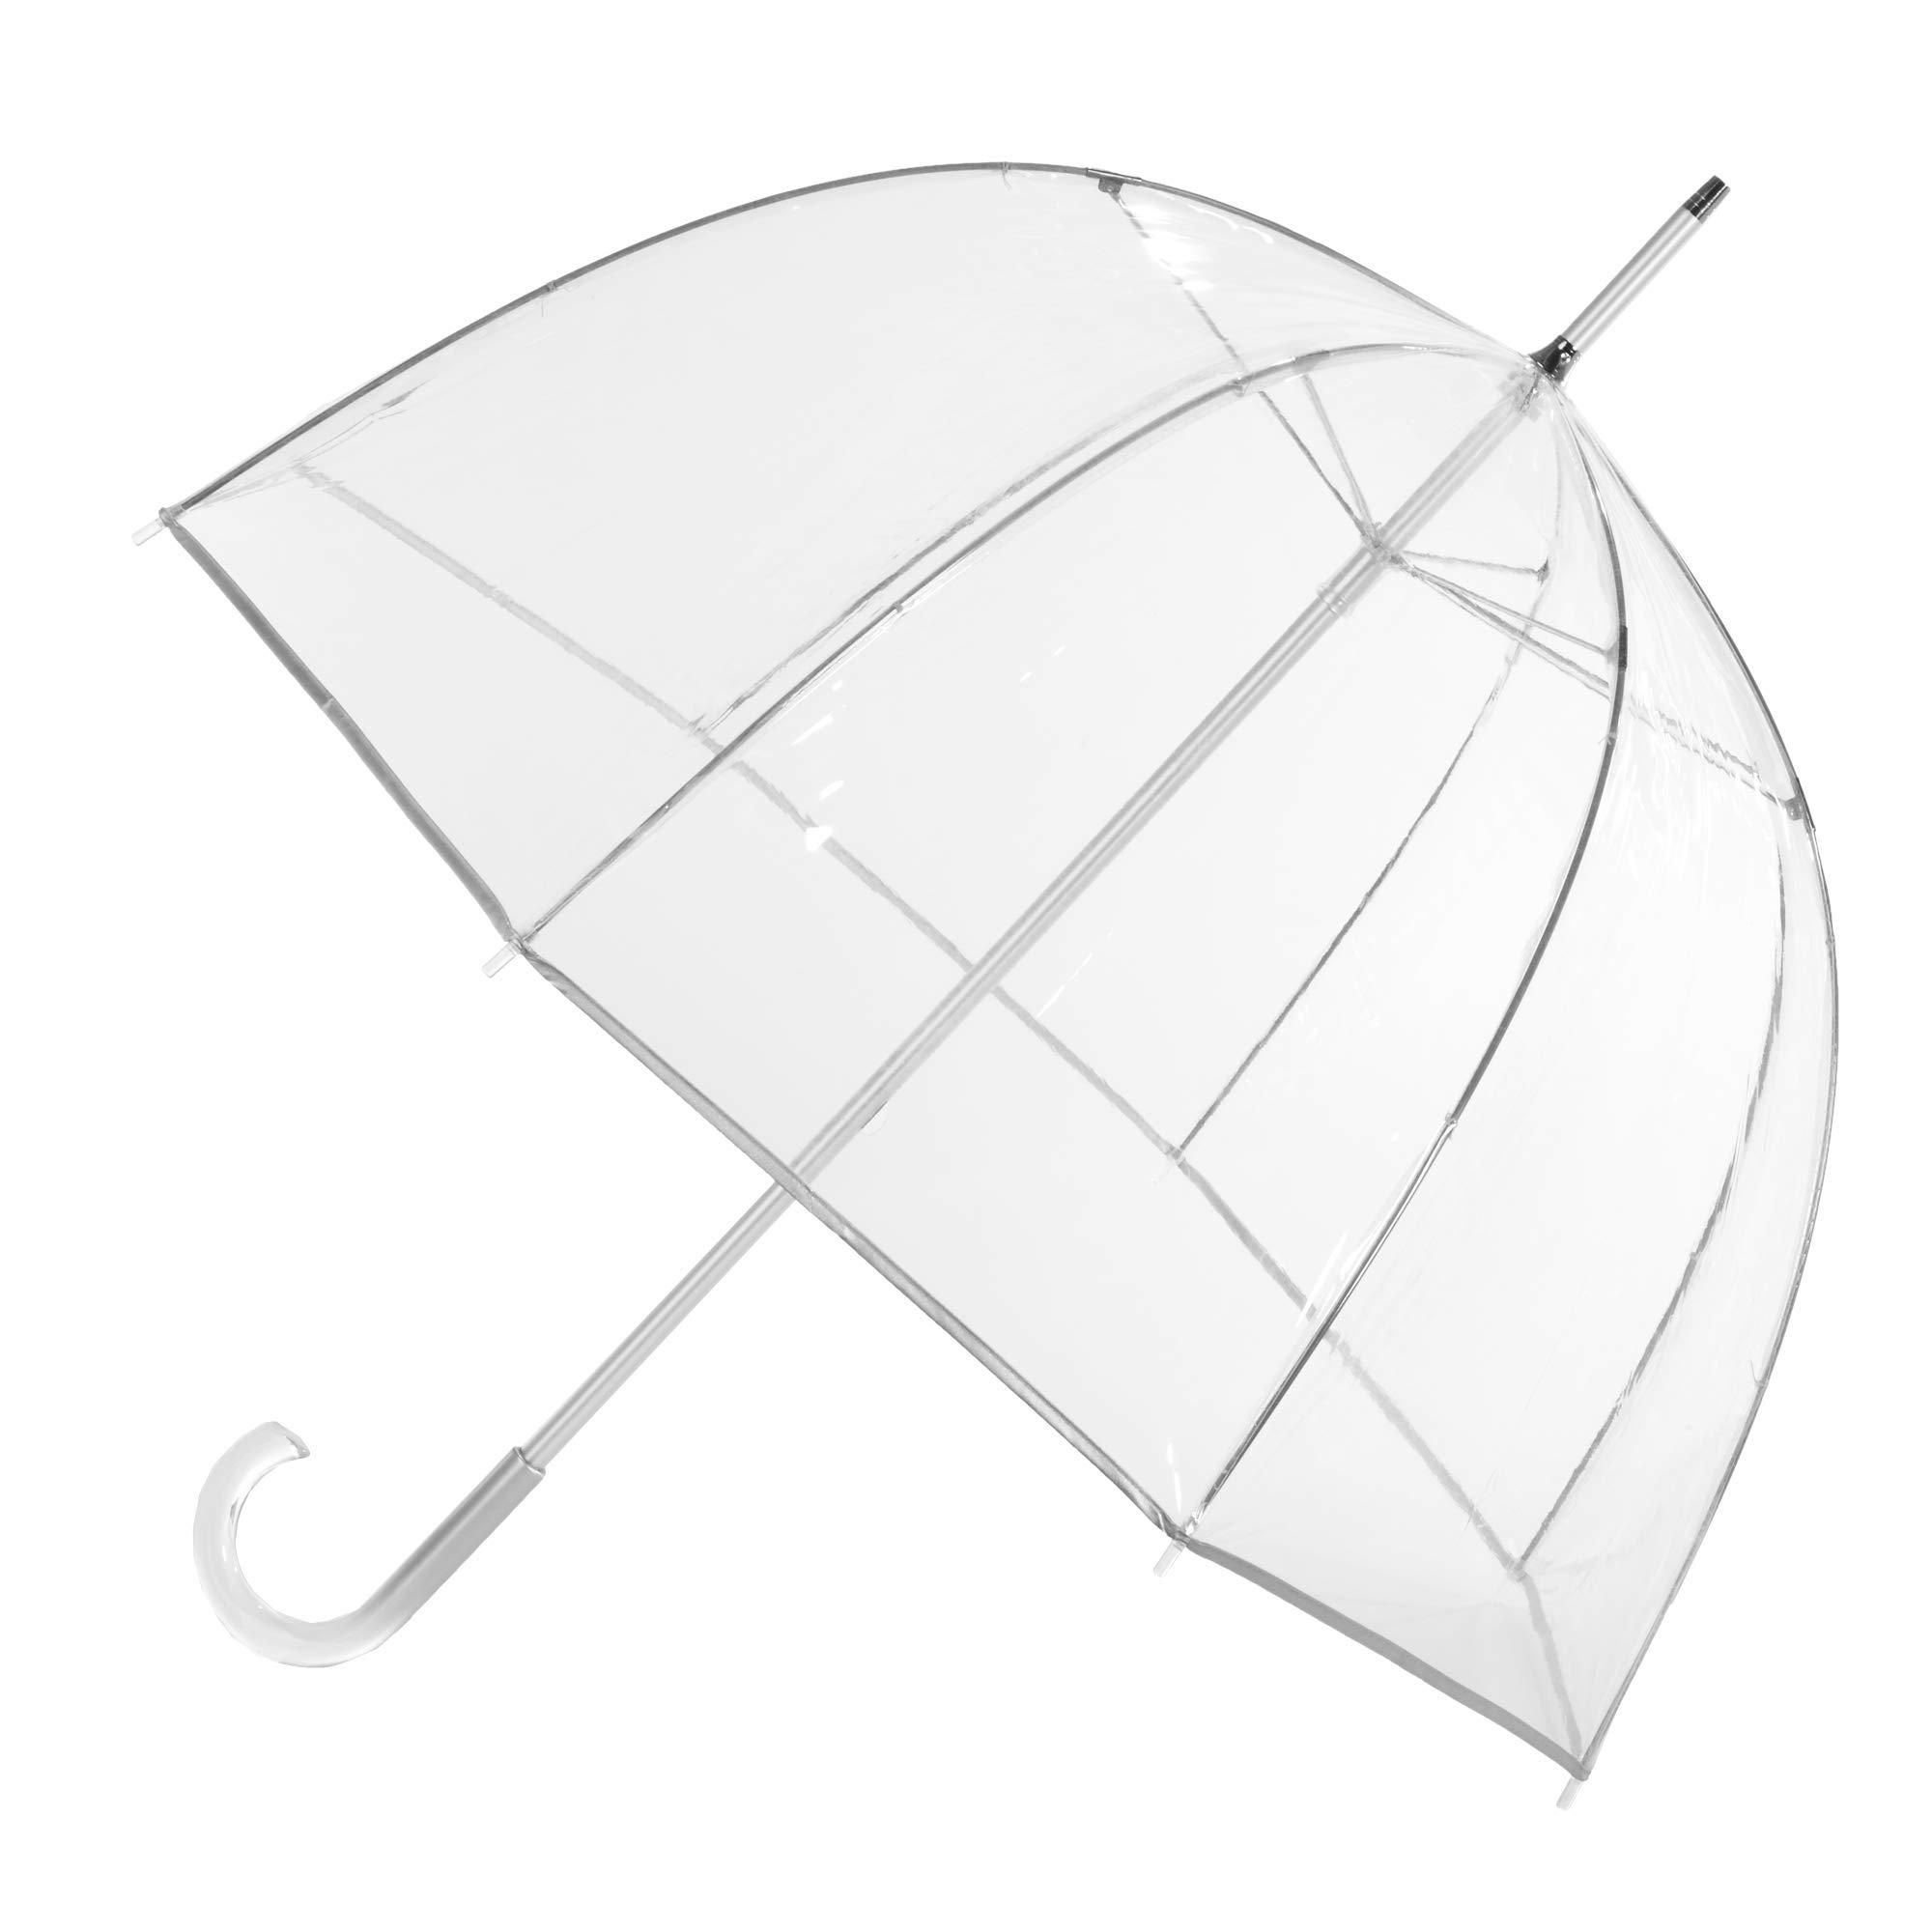 totes Signature Clear Bubble Umbrella